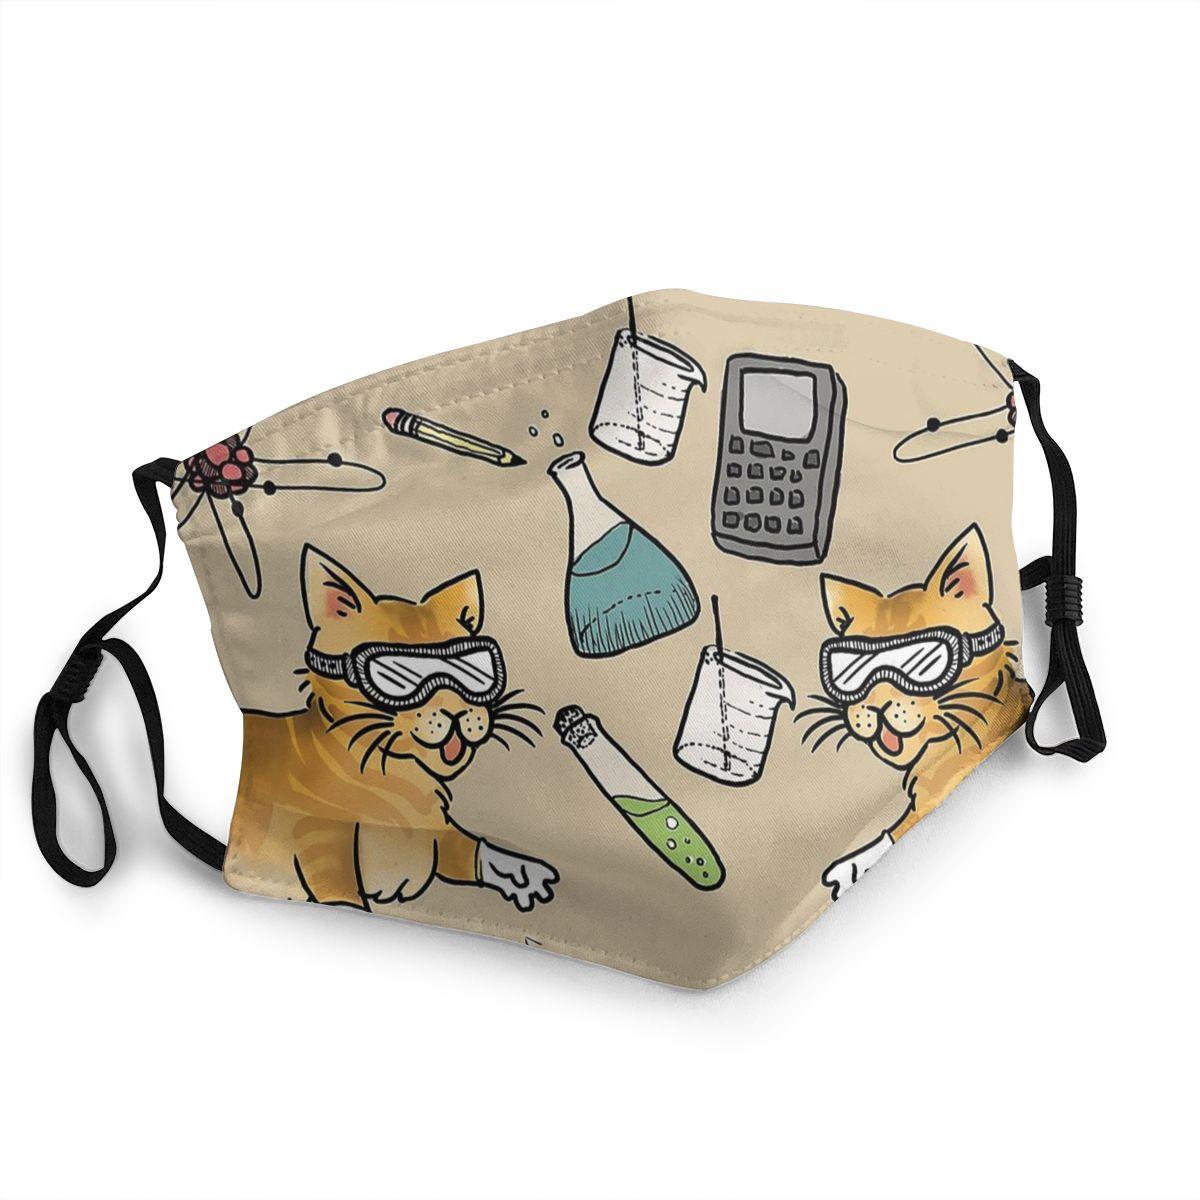 Стебель кошки неодноразовая маска для лица химия анти дымка Пылезащитная маска респиратор рот муфельная